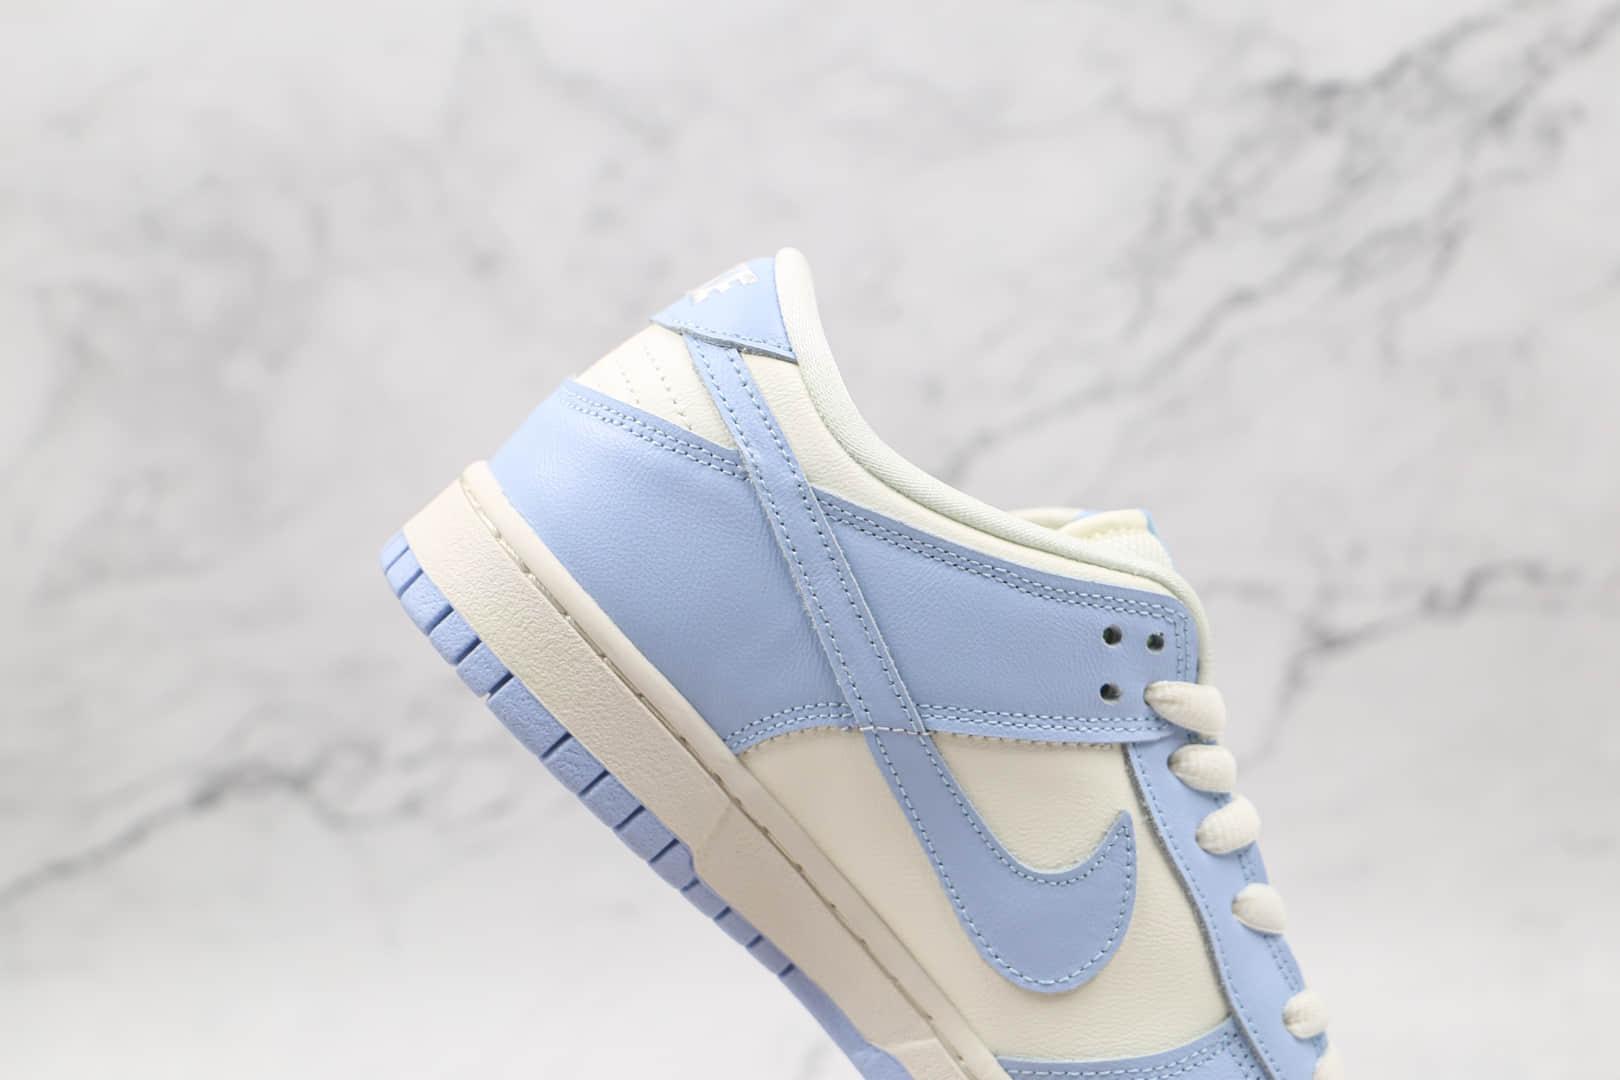 耐克Nike SB ZOOM DUNK Low PRO纯原版本低帮SB DUNK淡蓝色板鞋内置气垫 货号:854866-018